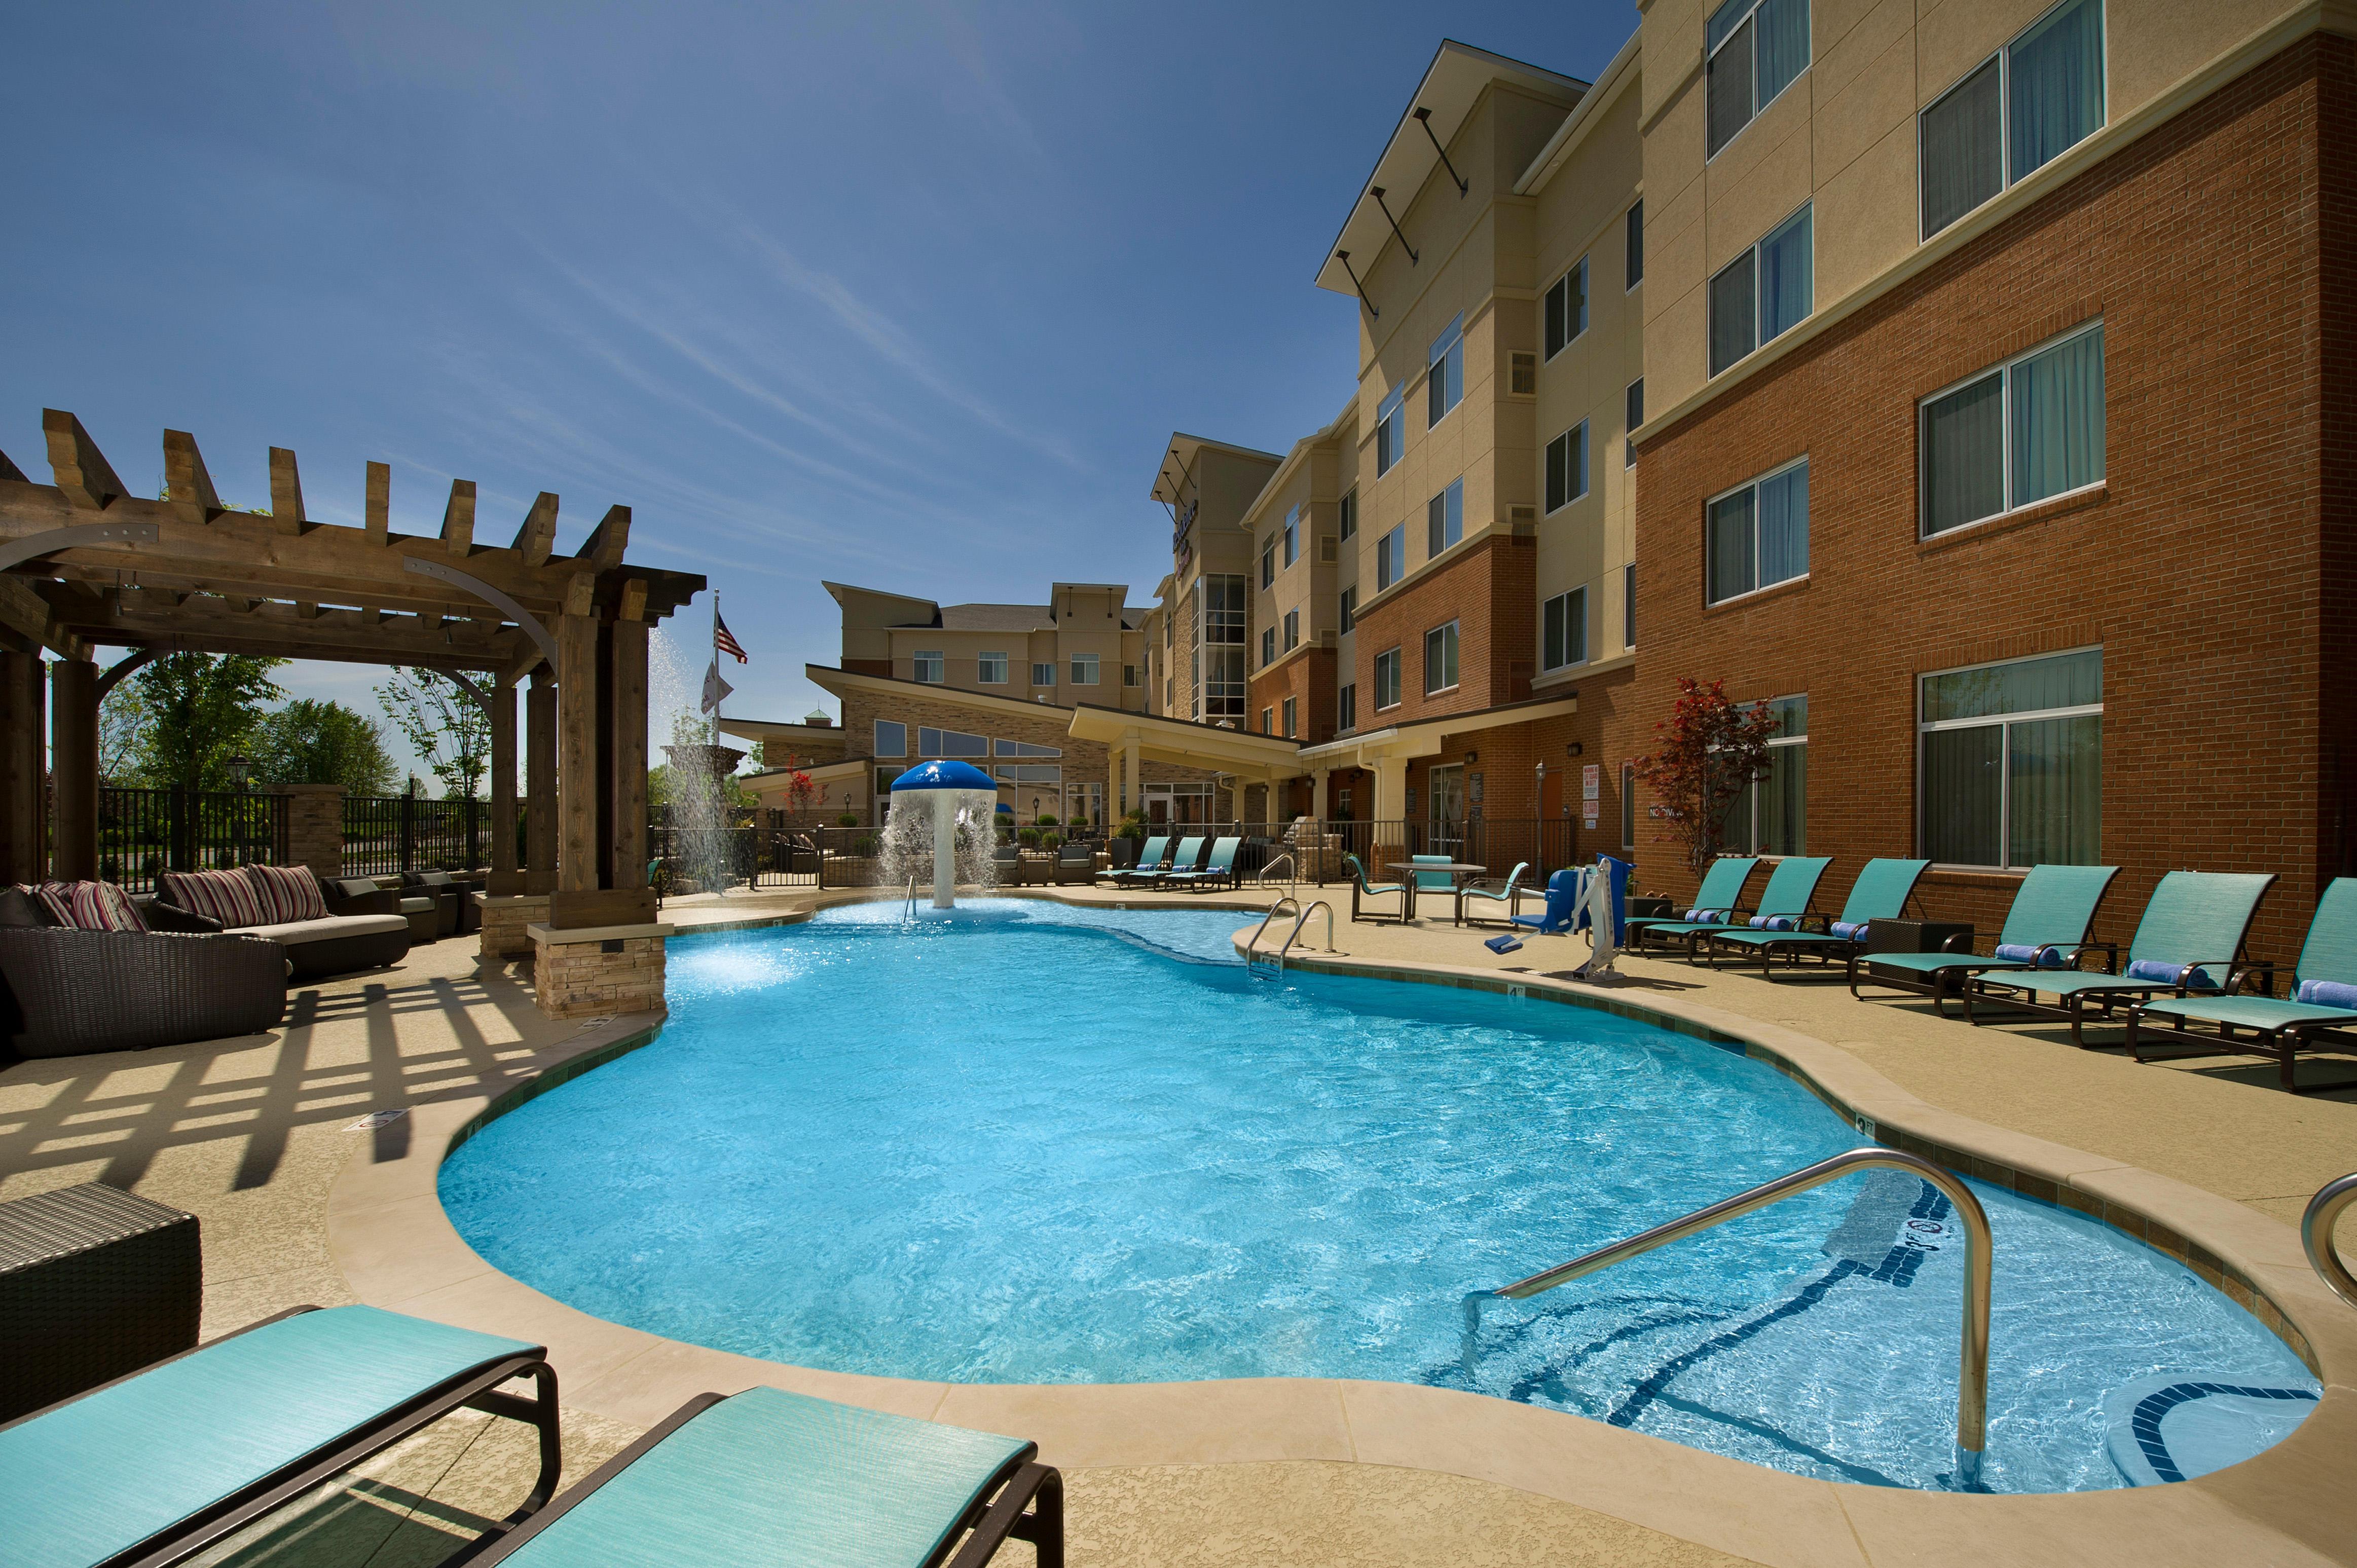 Residence Inn by Marriott Nashville SE/Murfreesboro image 3